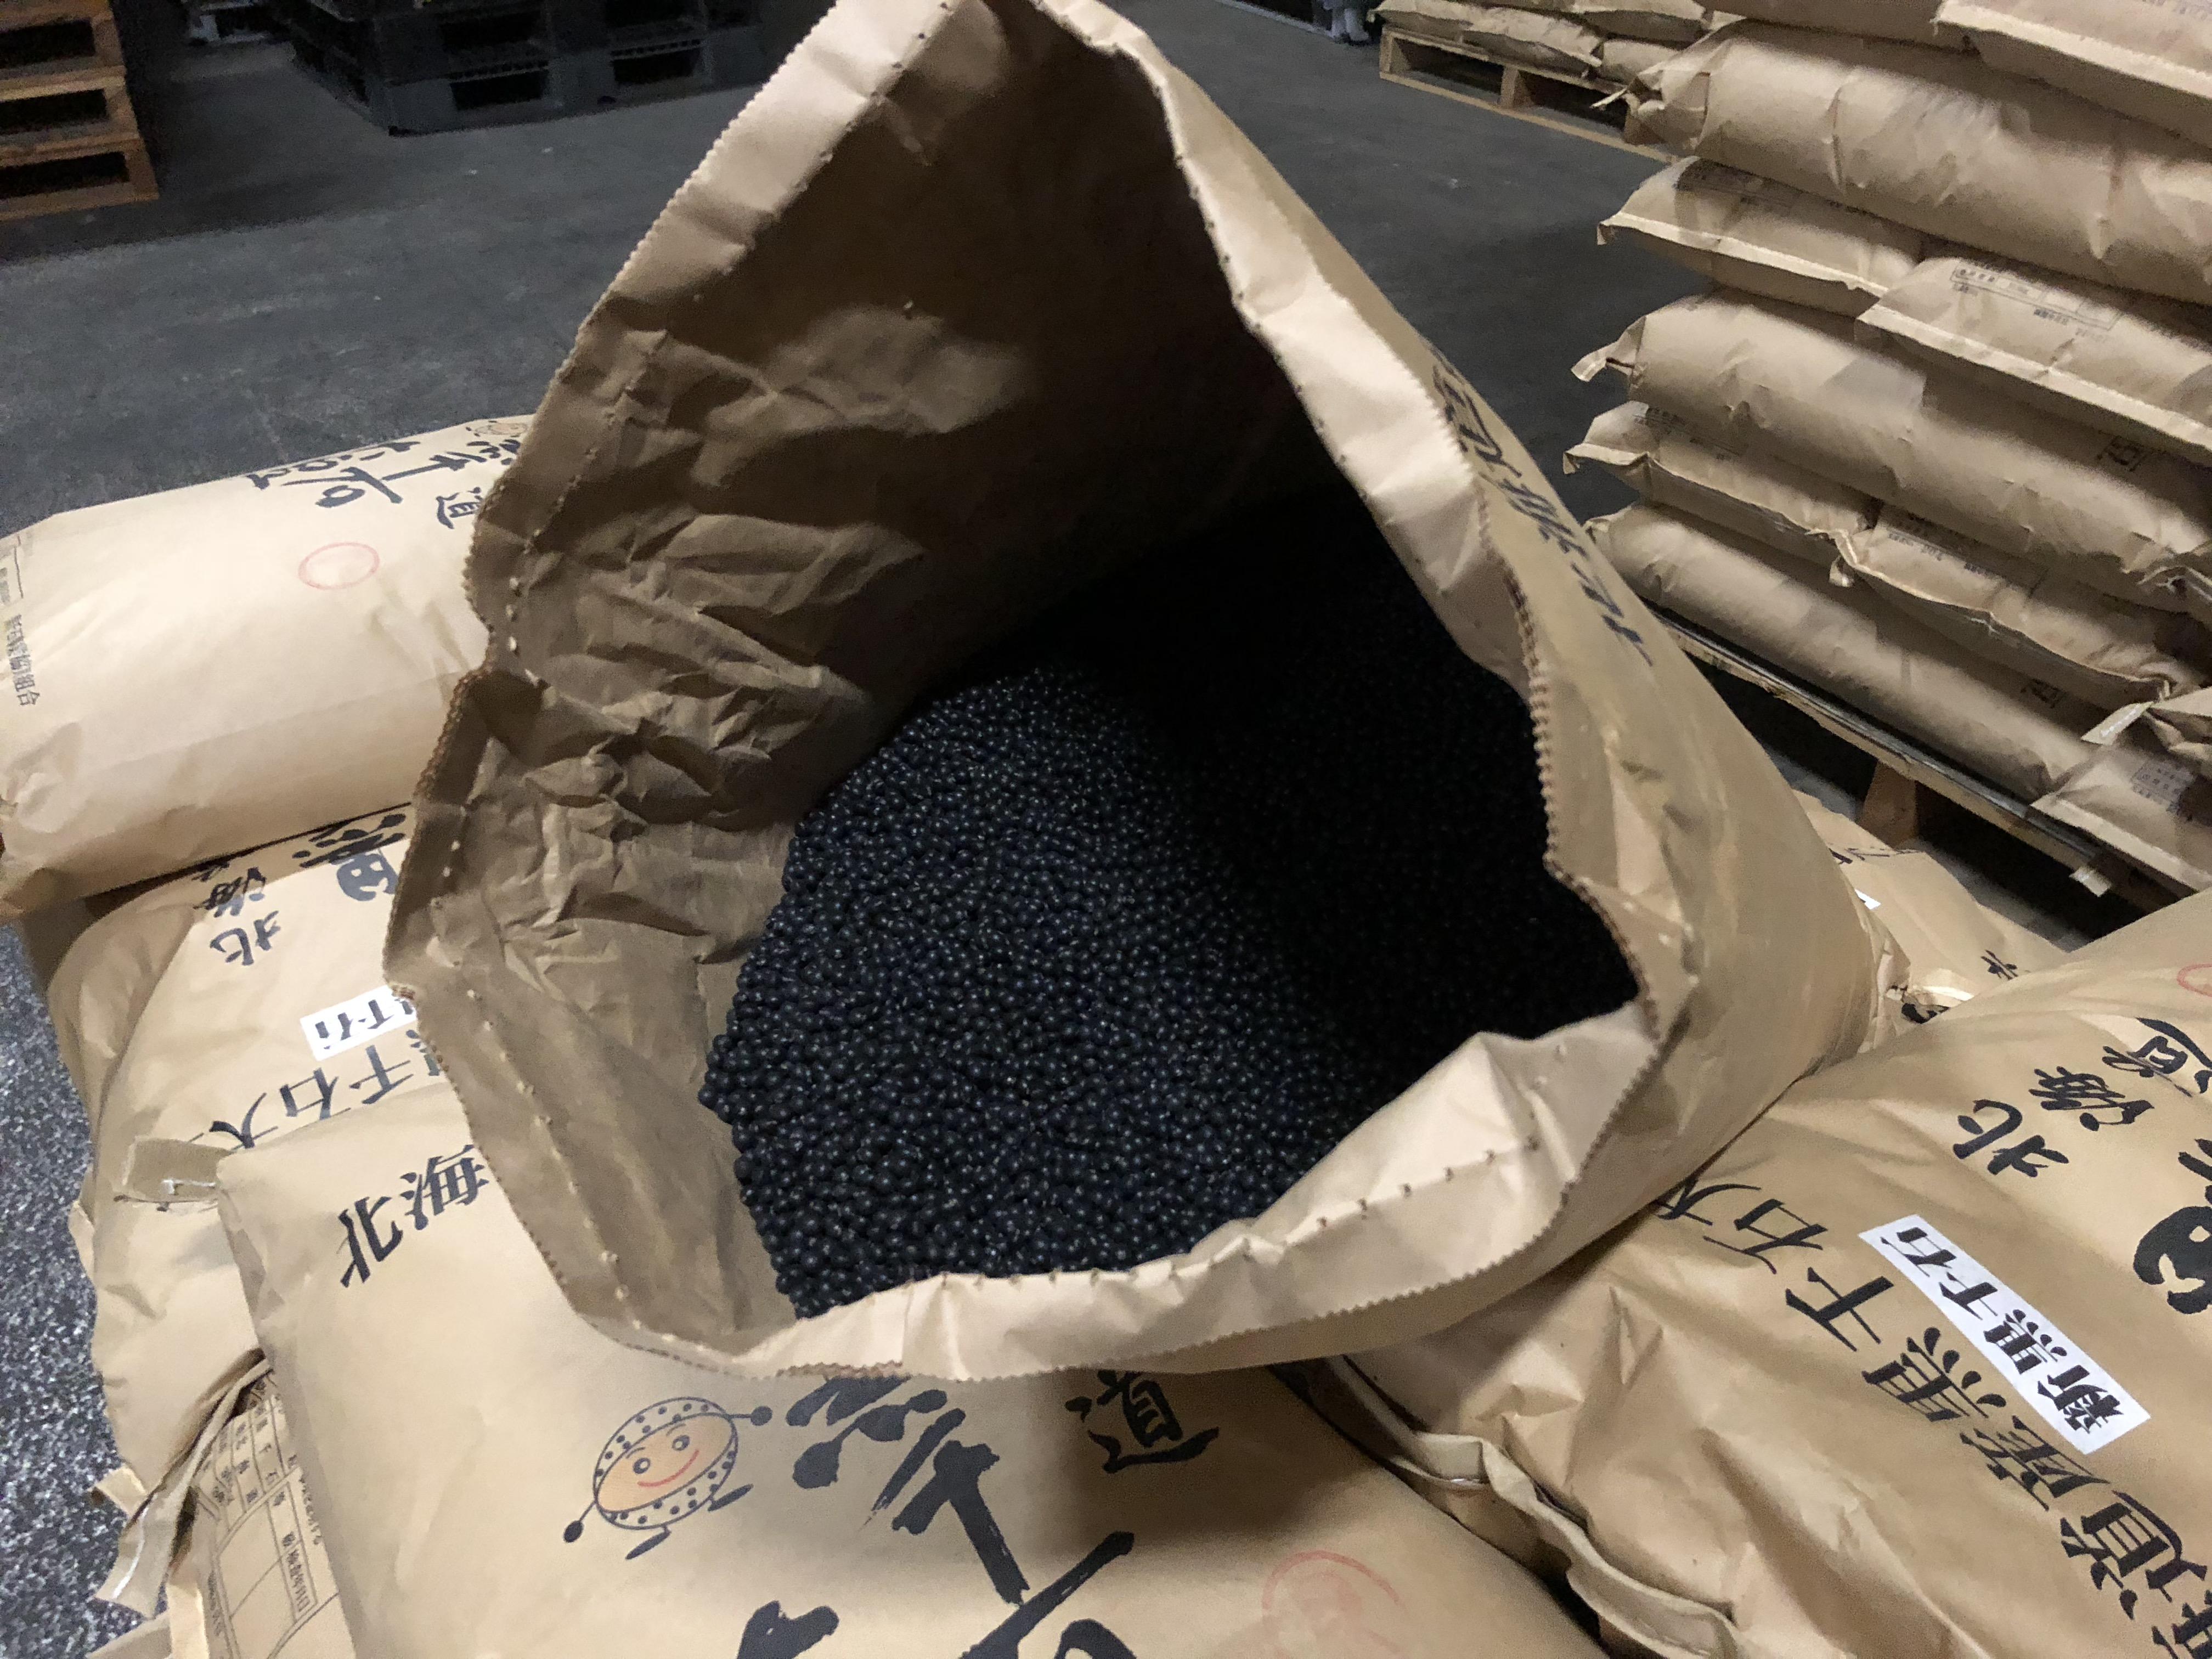 黒千石大豆というマナイのリスペクト素材①衝撃の出会い